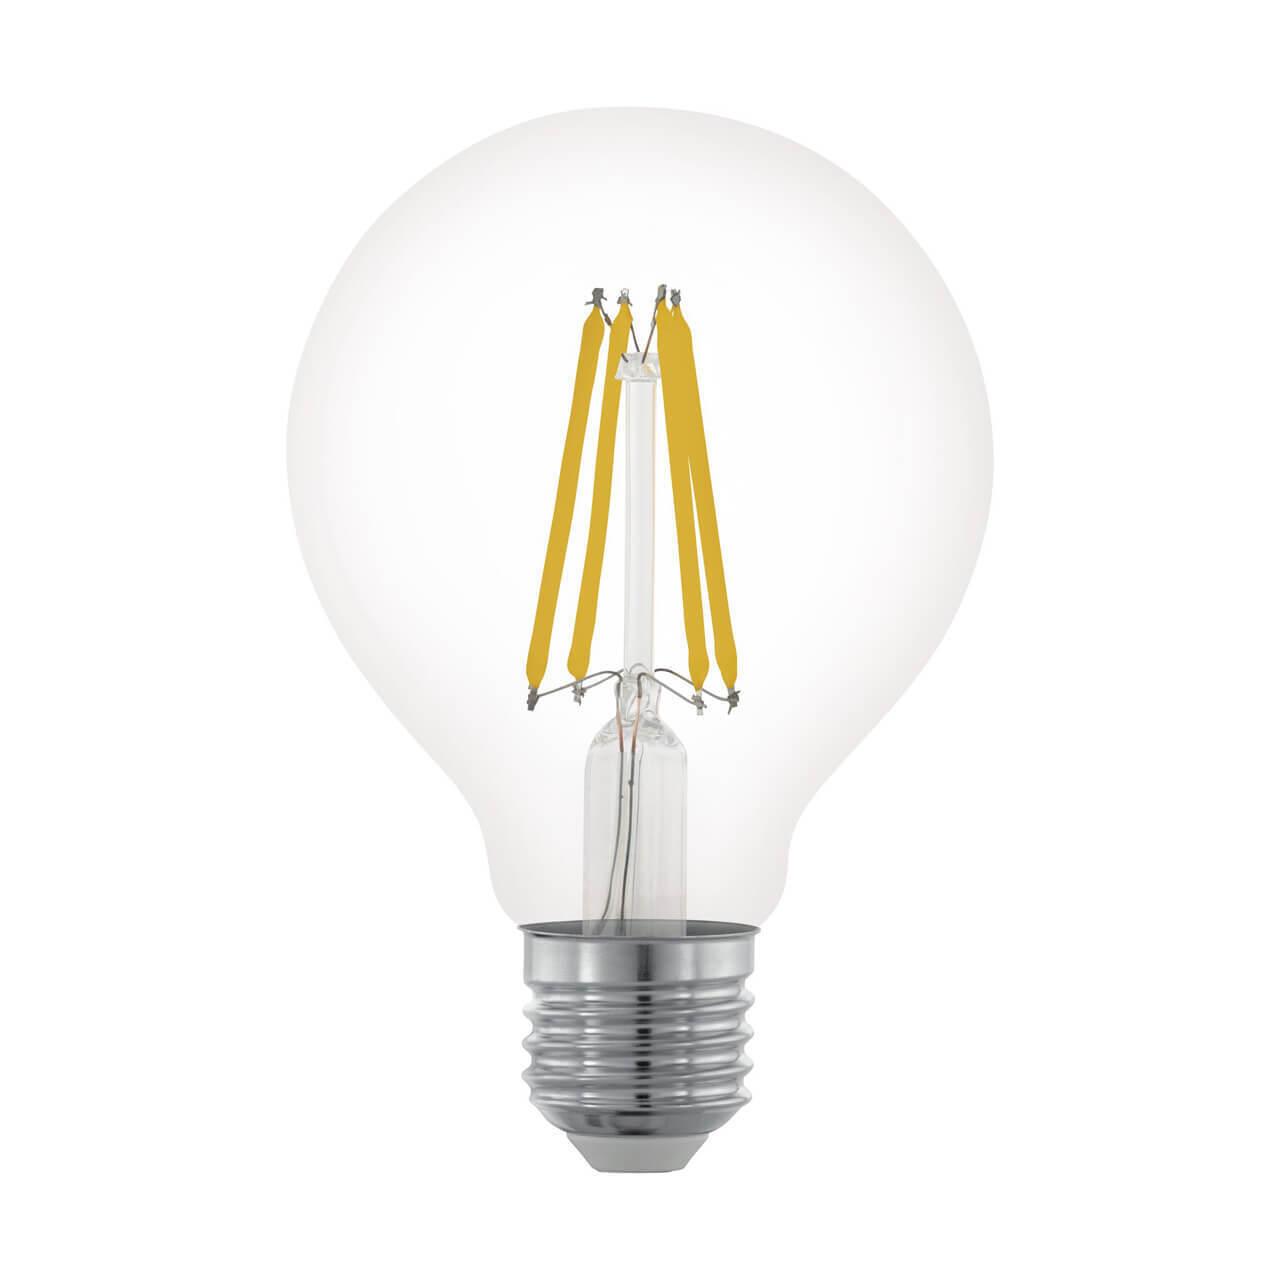 Лампа светодиодная филаментная диммируемая Eglo E27 6W 2700К прозрачная 11703 цены онлайн